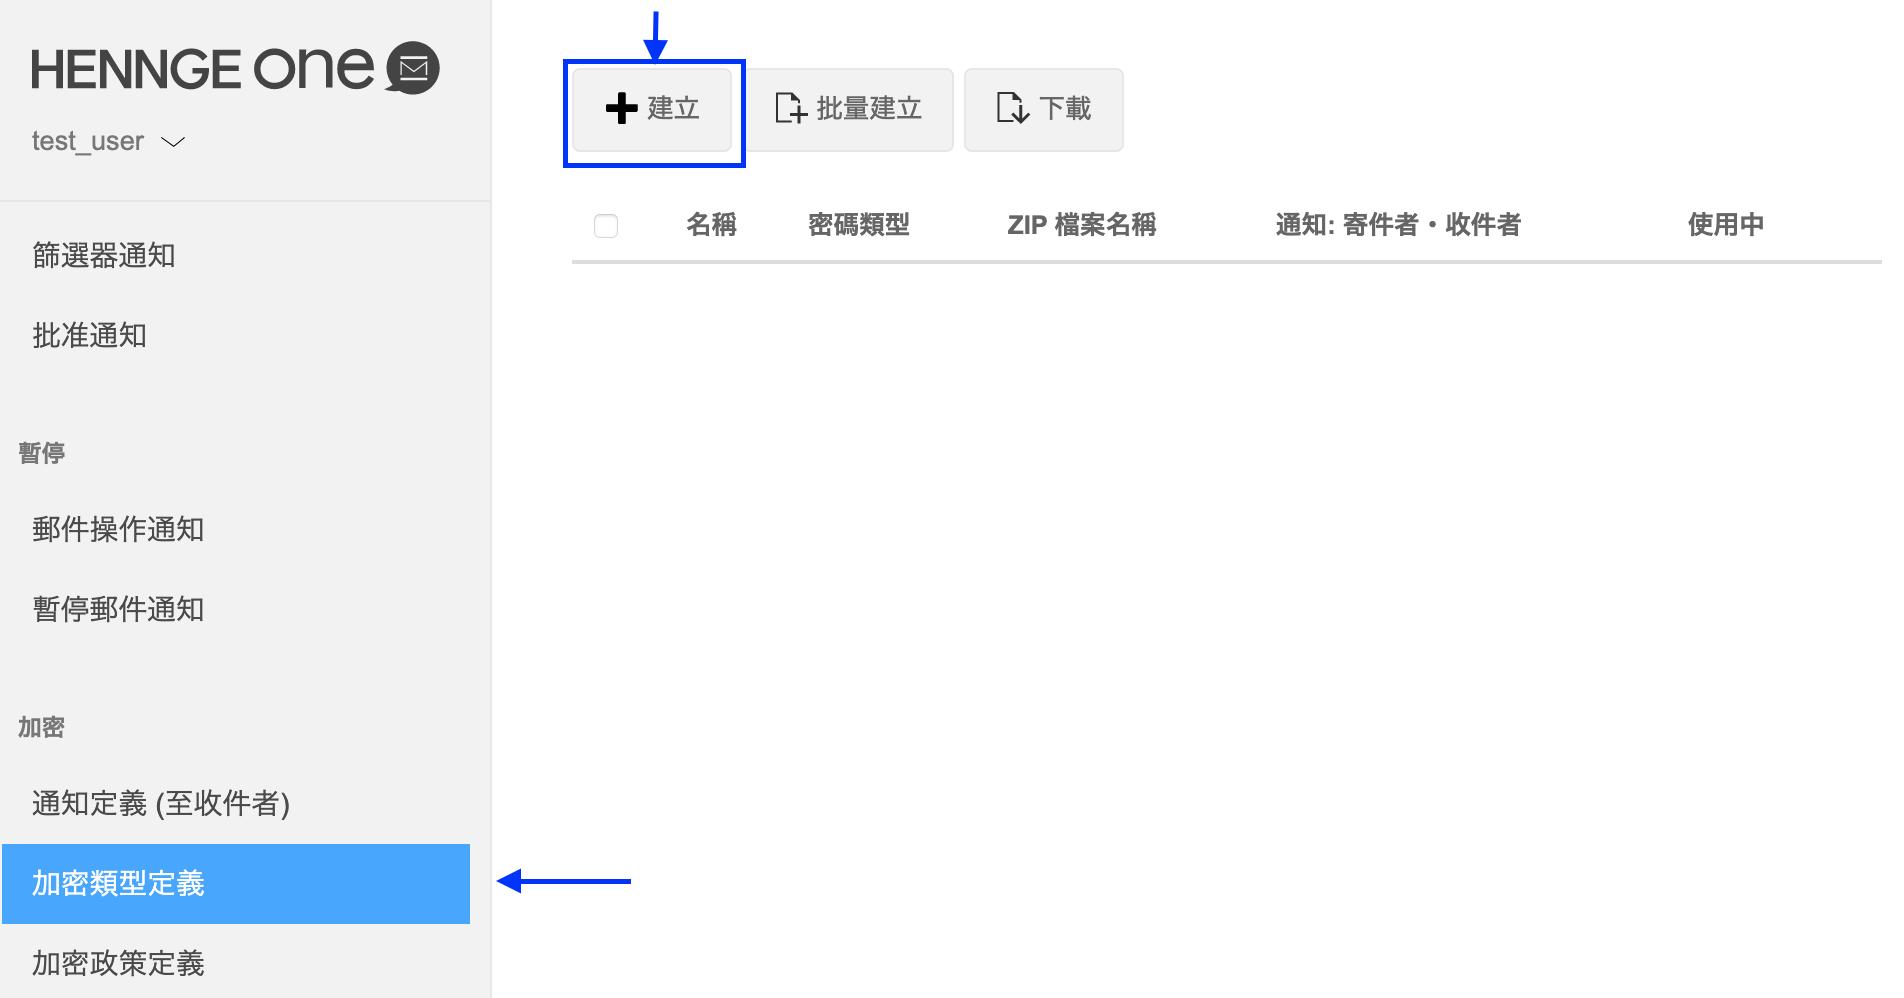 Screen_Shot_2020-04-01_at_16.25.14.png